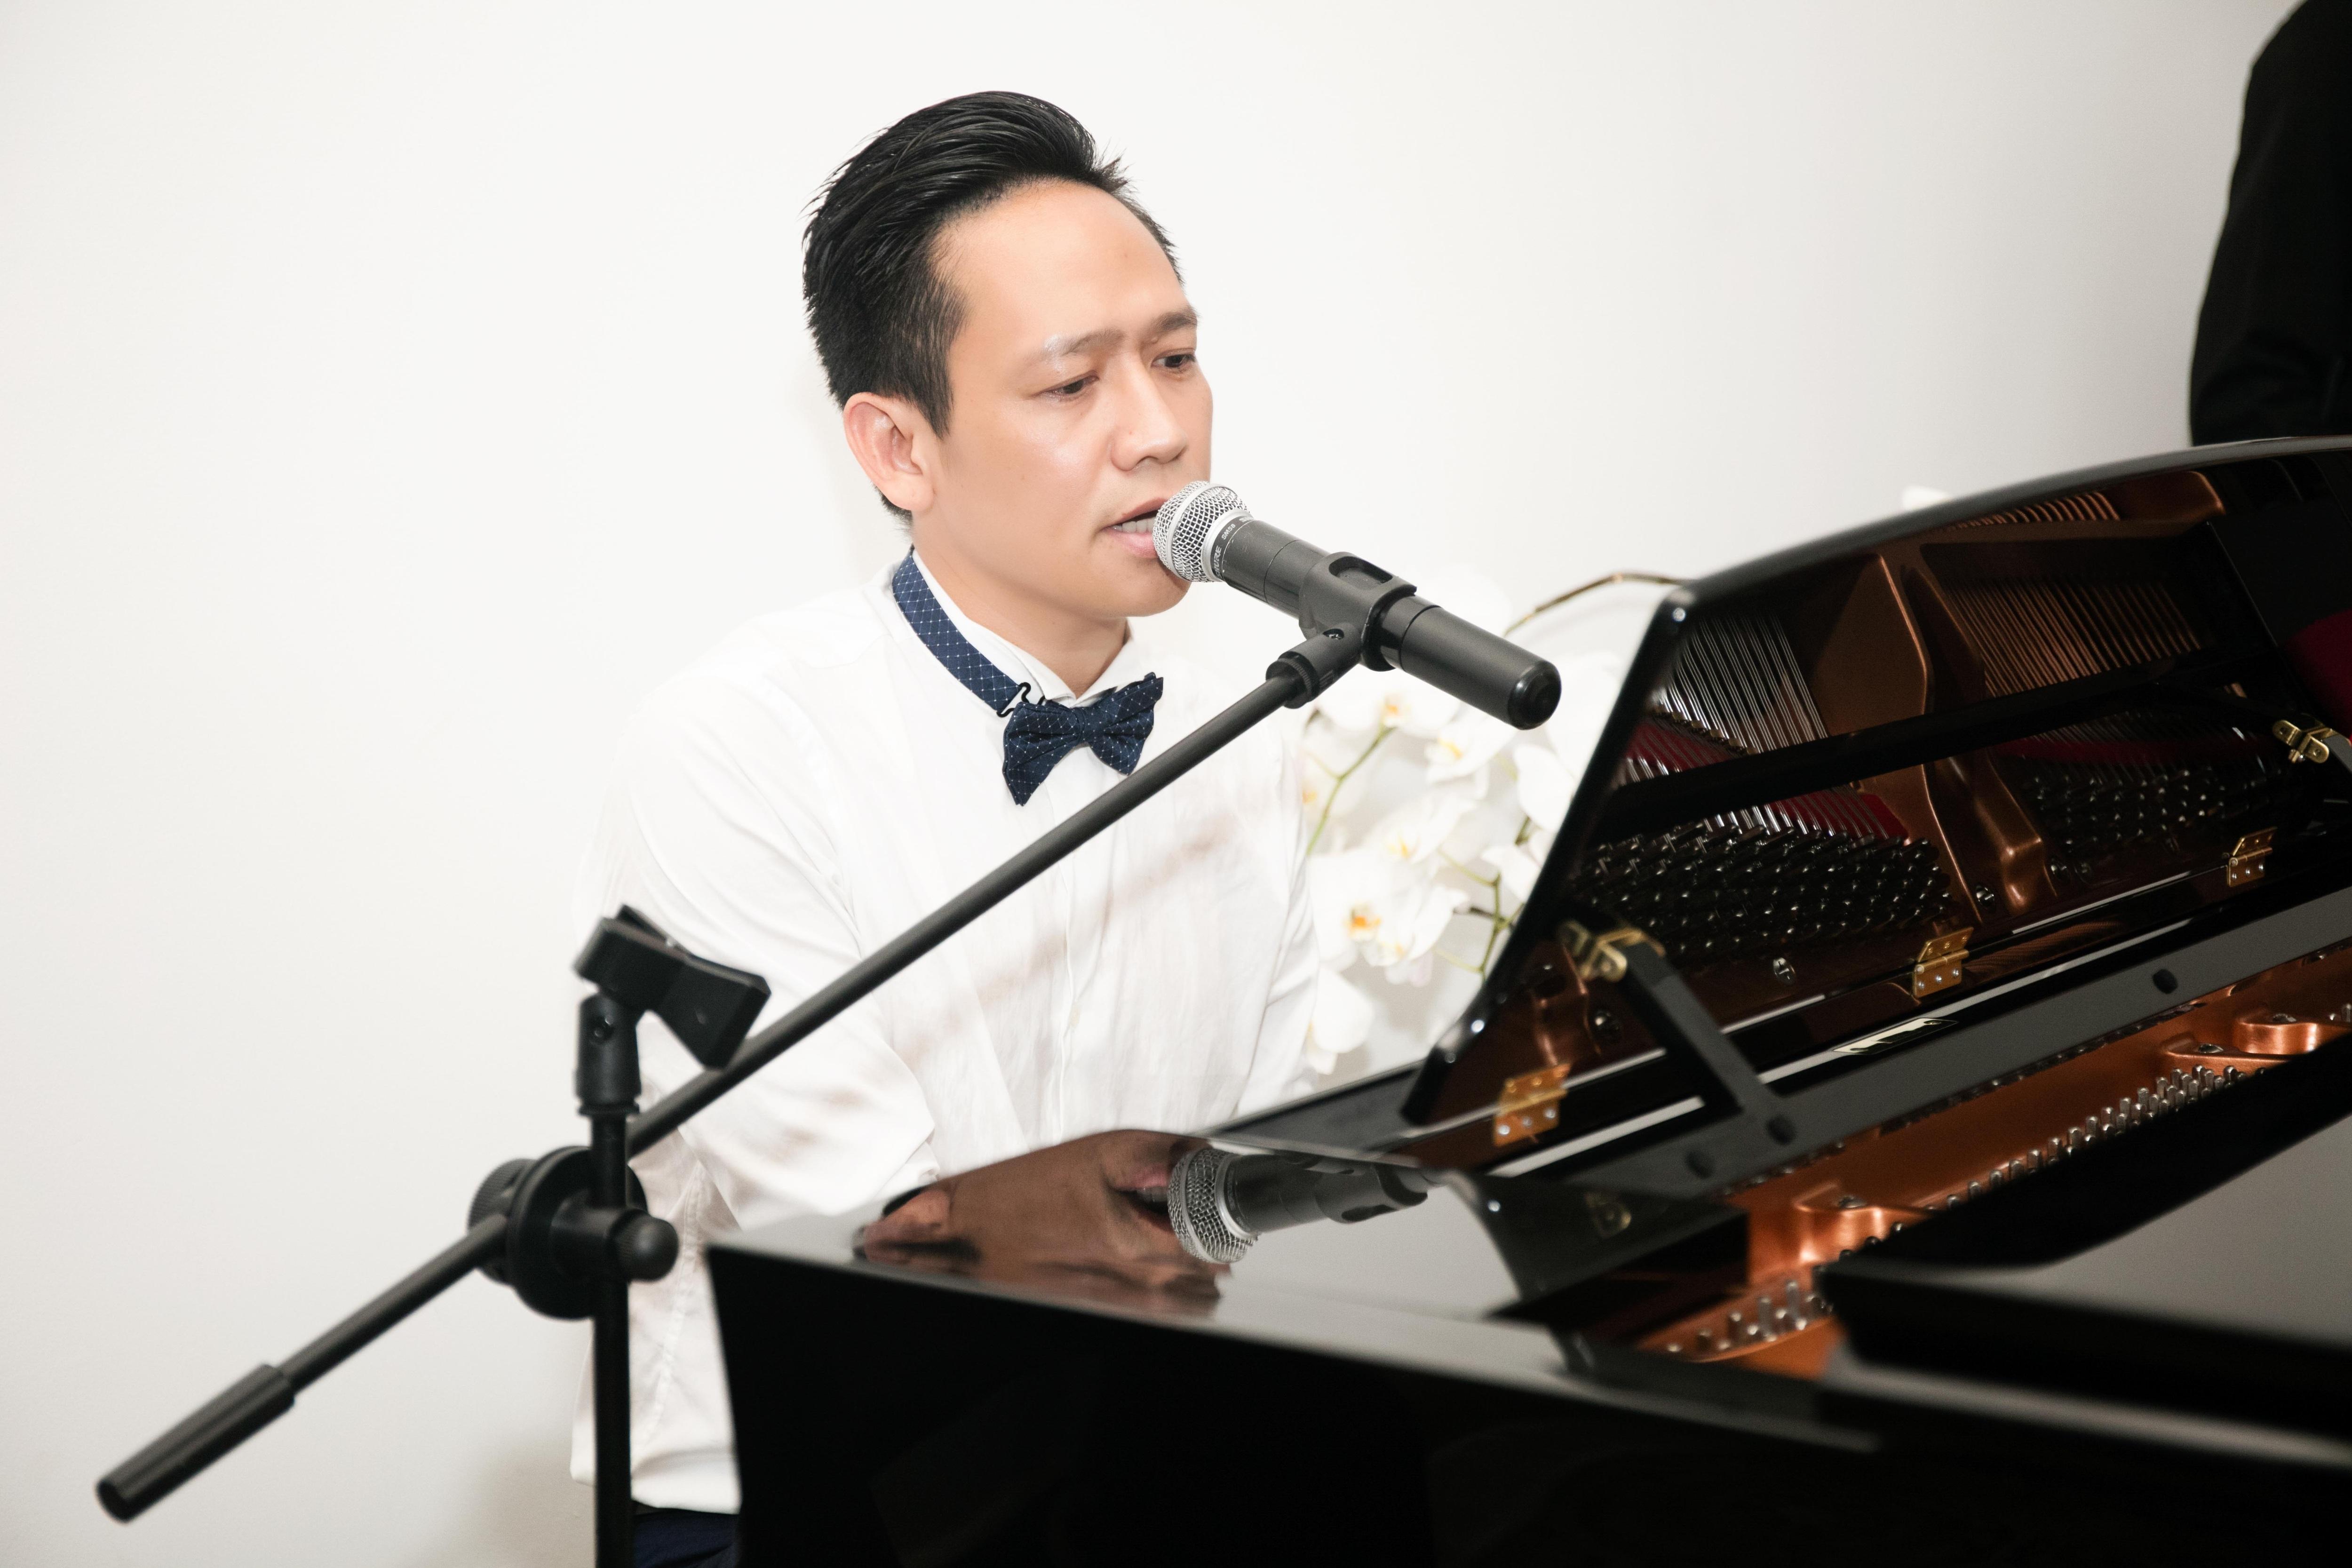 Ca sỹ Duy Mạnh vừa đàn vừa hát góp vui cho bữa tiệc.